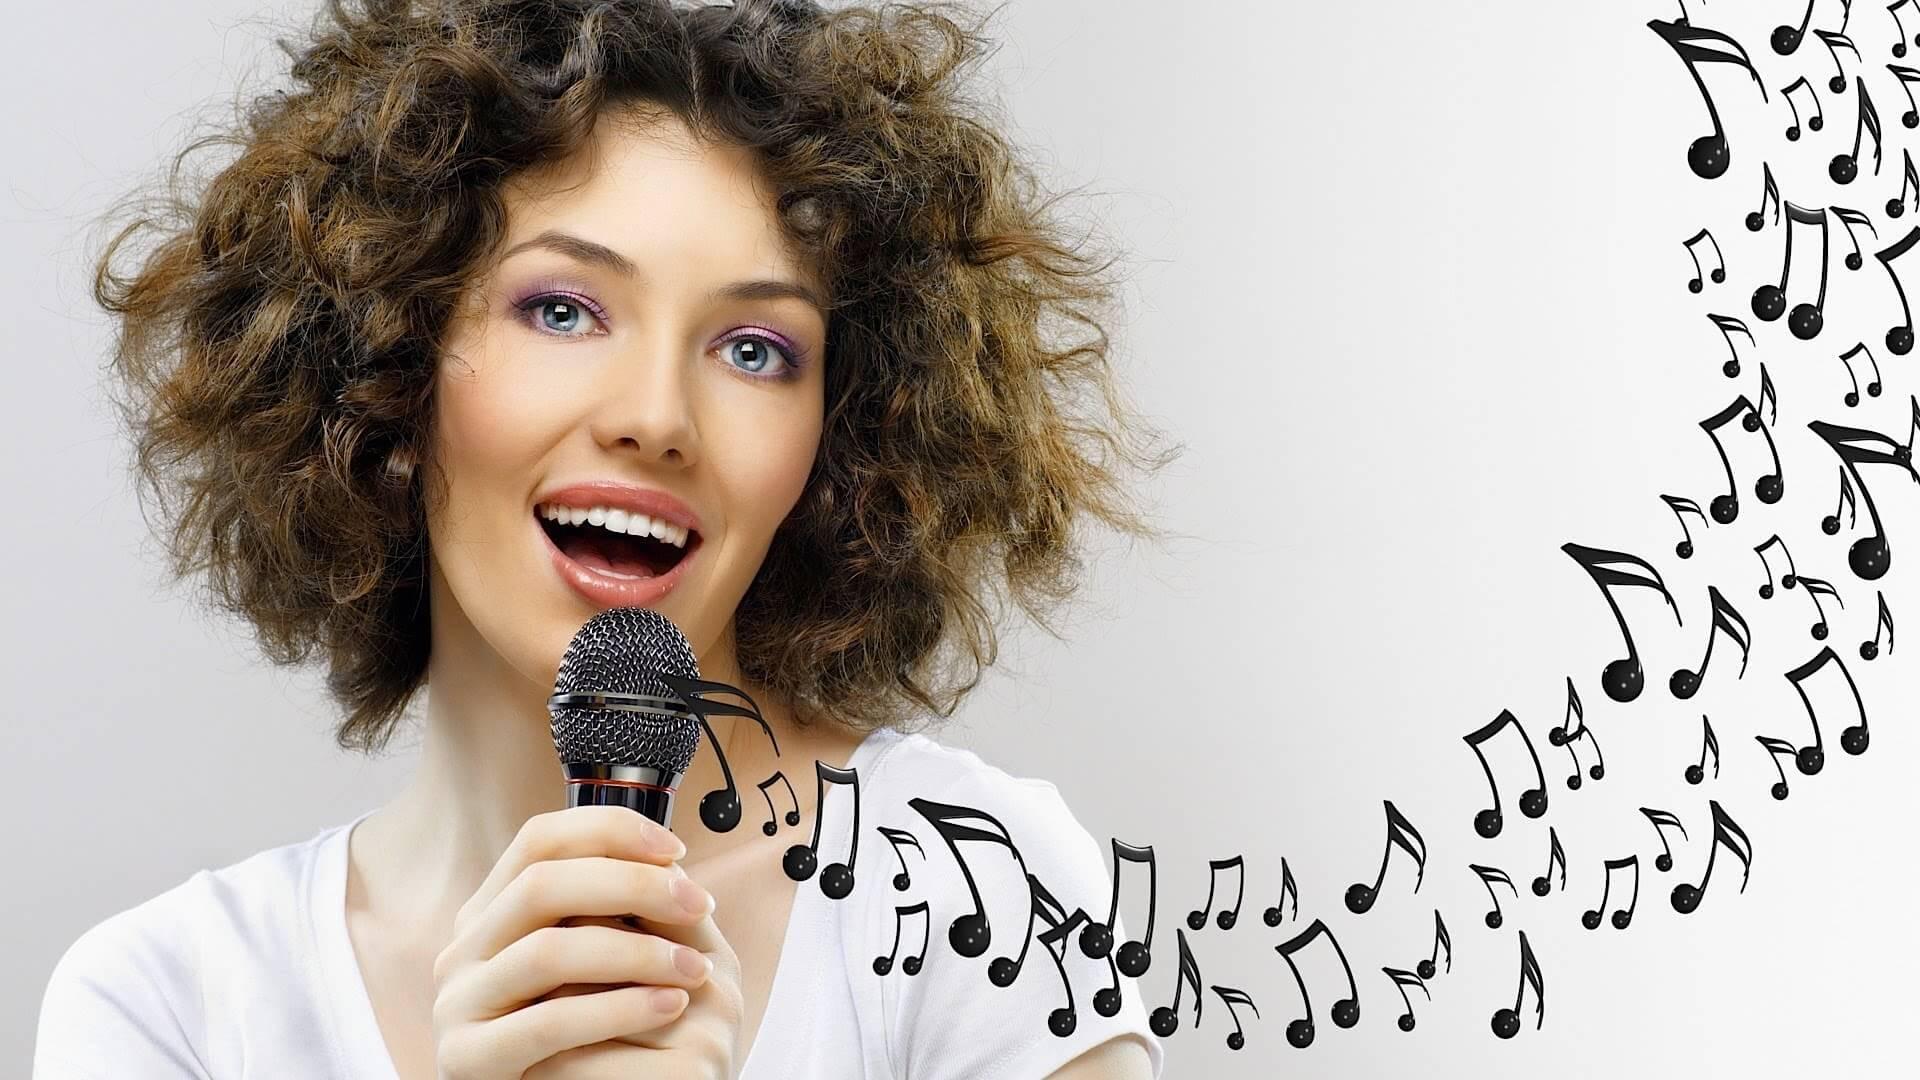 Muốn làm ca sĩ cần có những yếu tố gì?